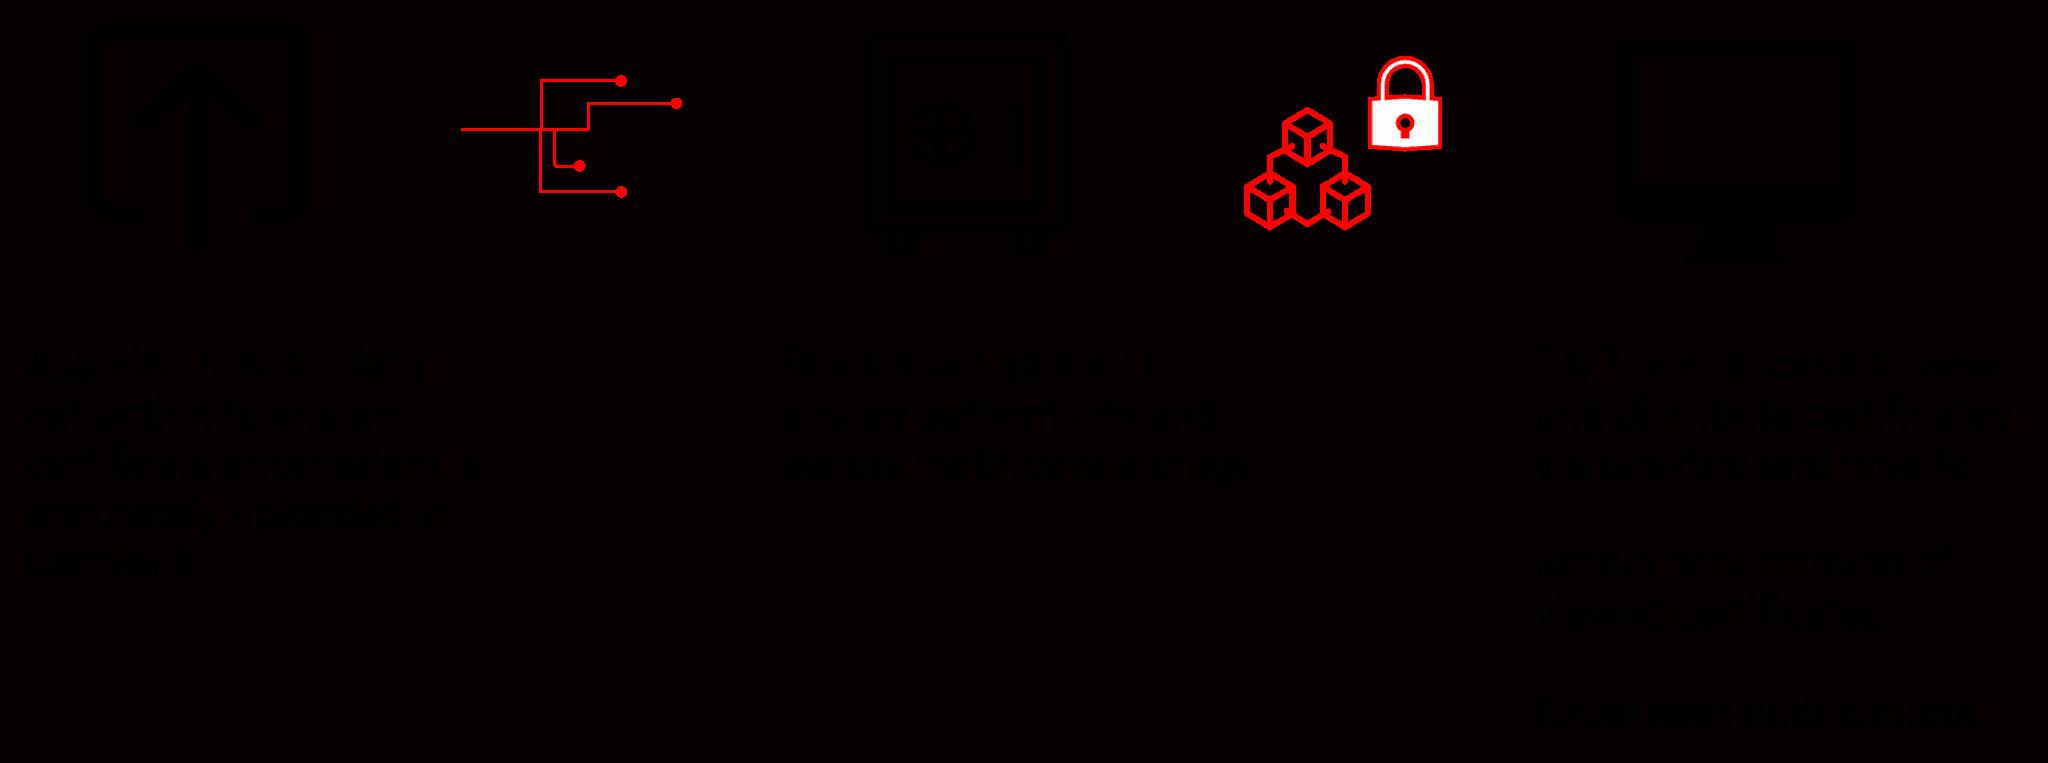 Workflow of CertVault's Digital Workflow